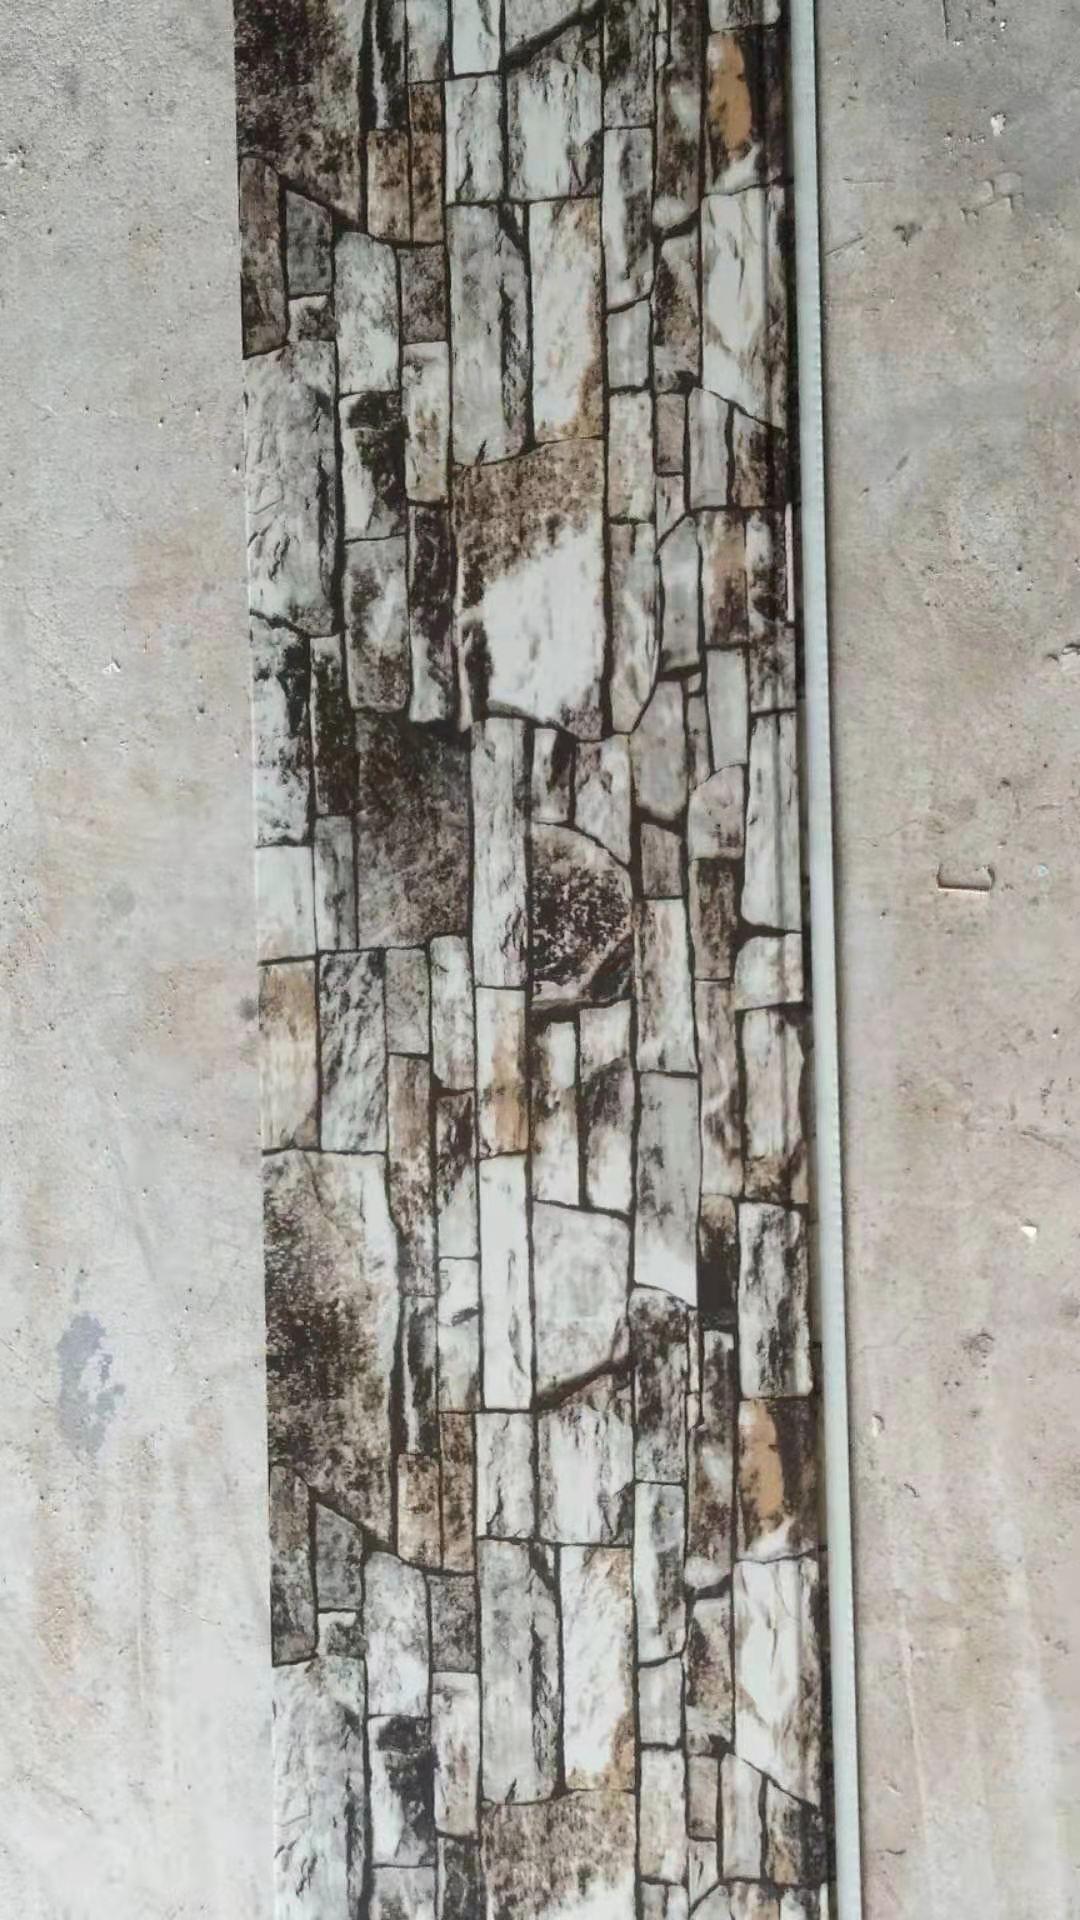 宁夏大理石纹金属雕花板多少钱